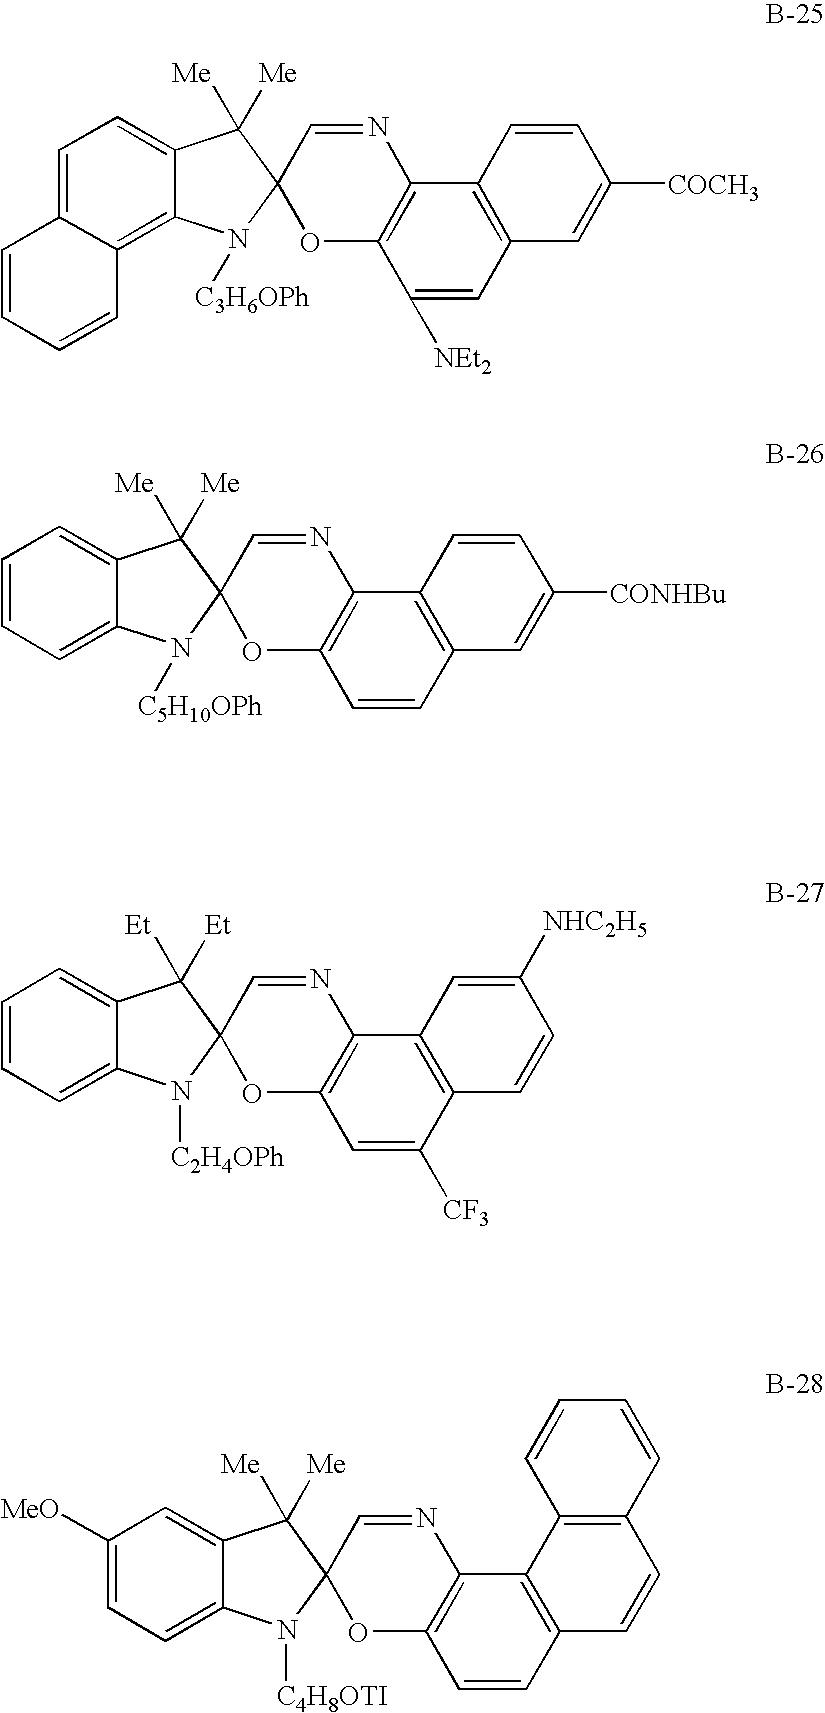 Figure US07425406-20080916-C00011